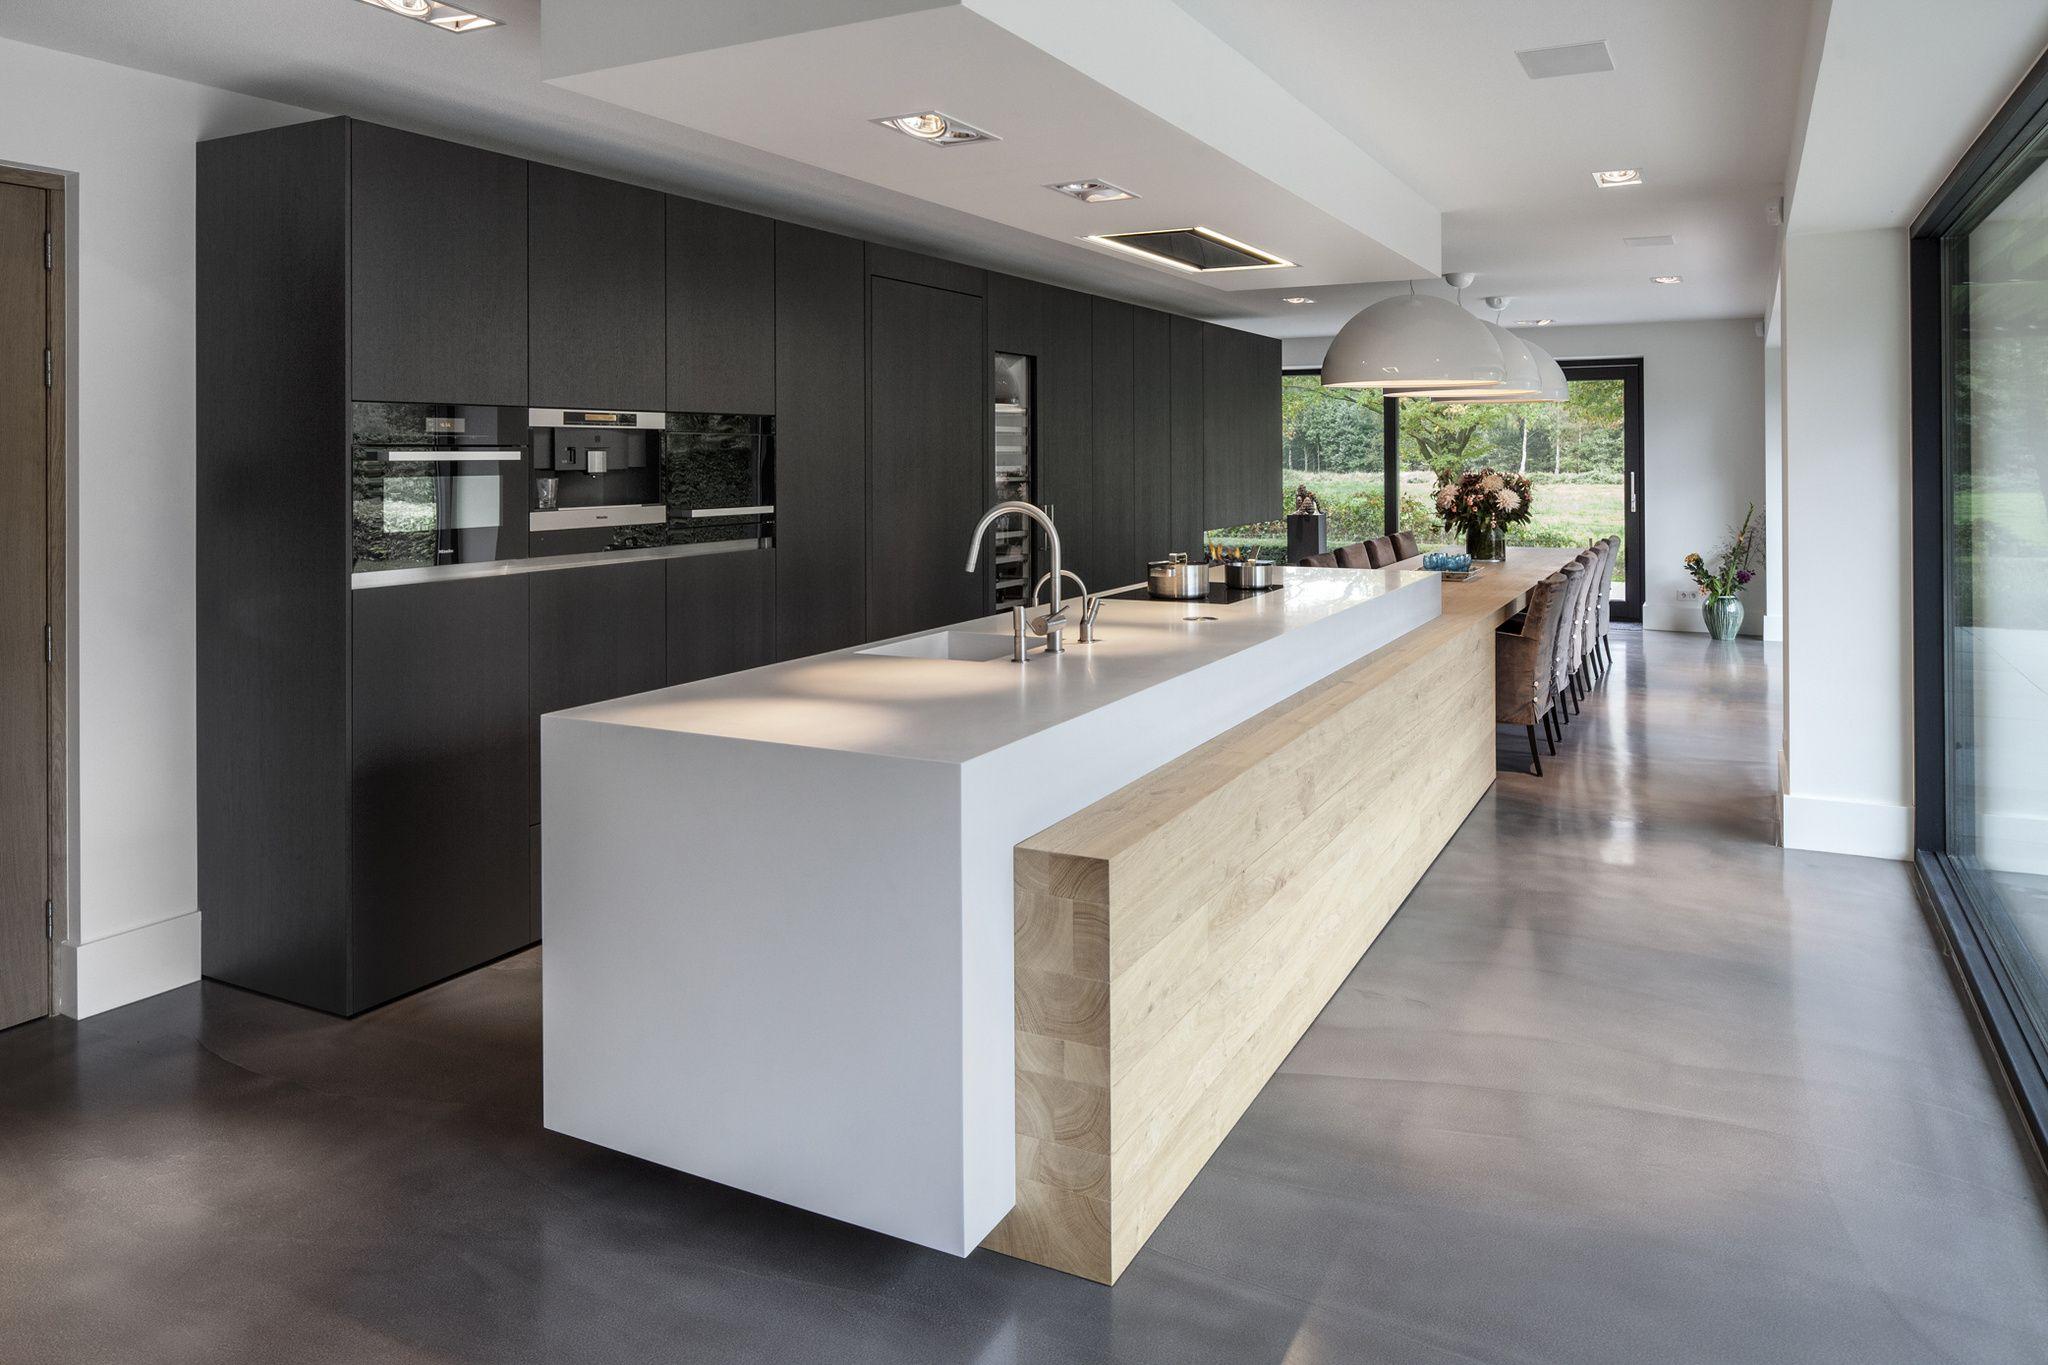 Cozinha Moderna Com Fog O E Pia Na Ilha A Mesa Da Copa Quase Uma